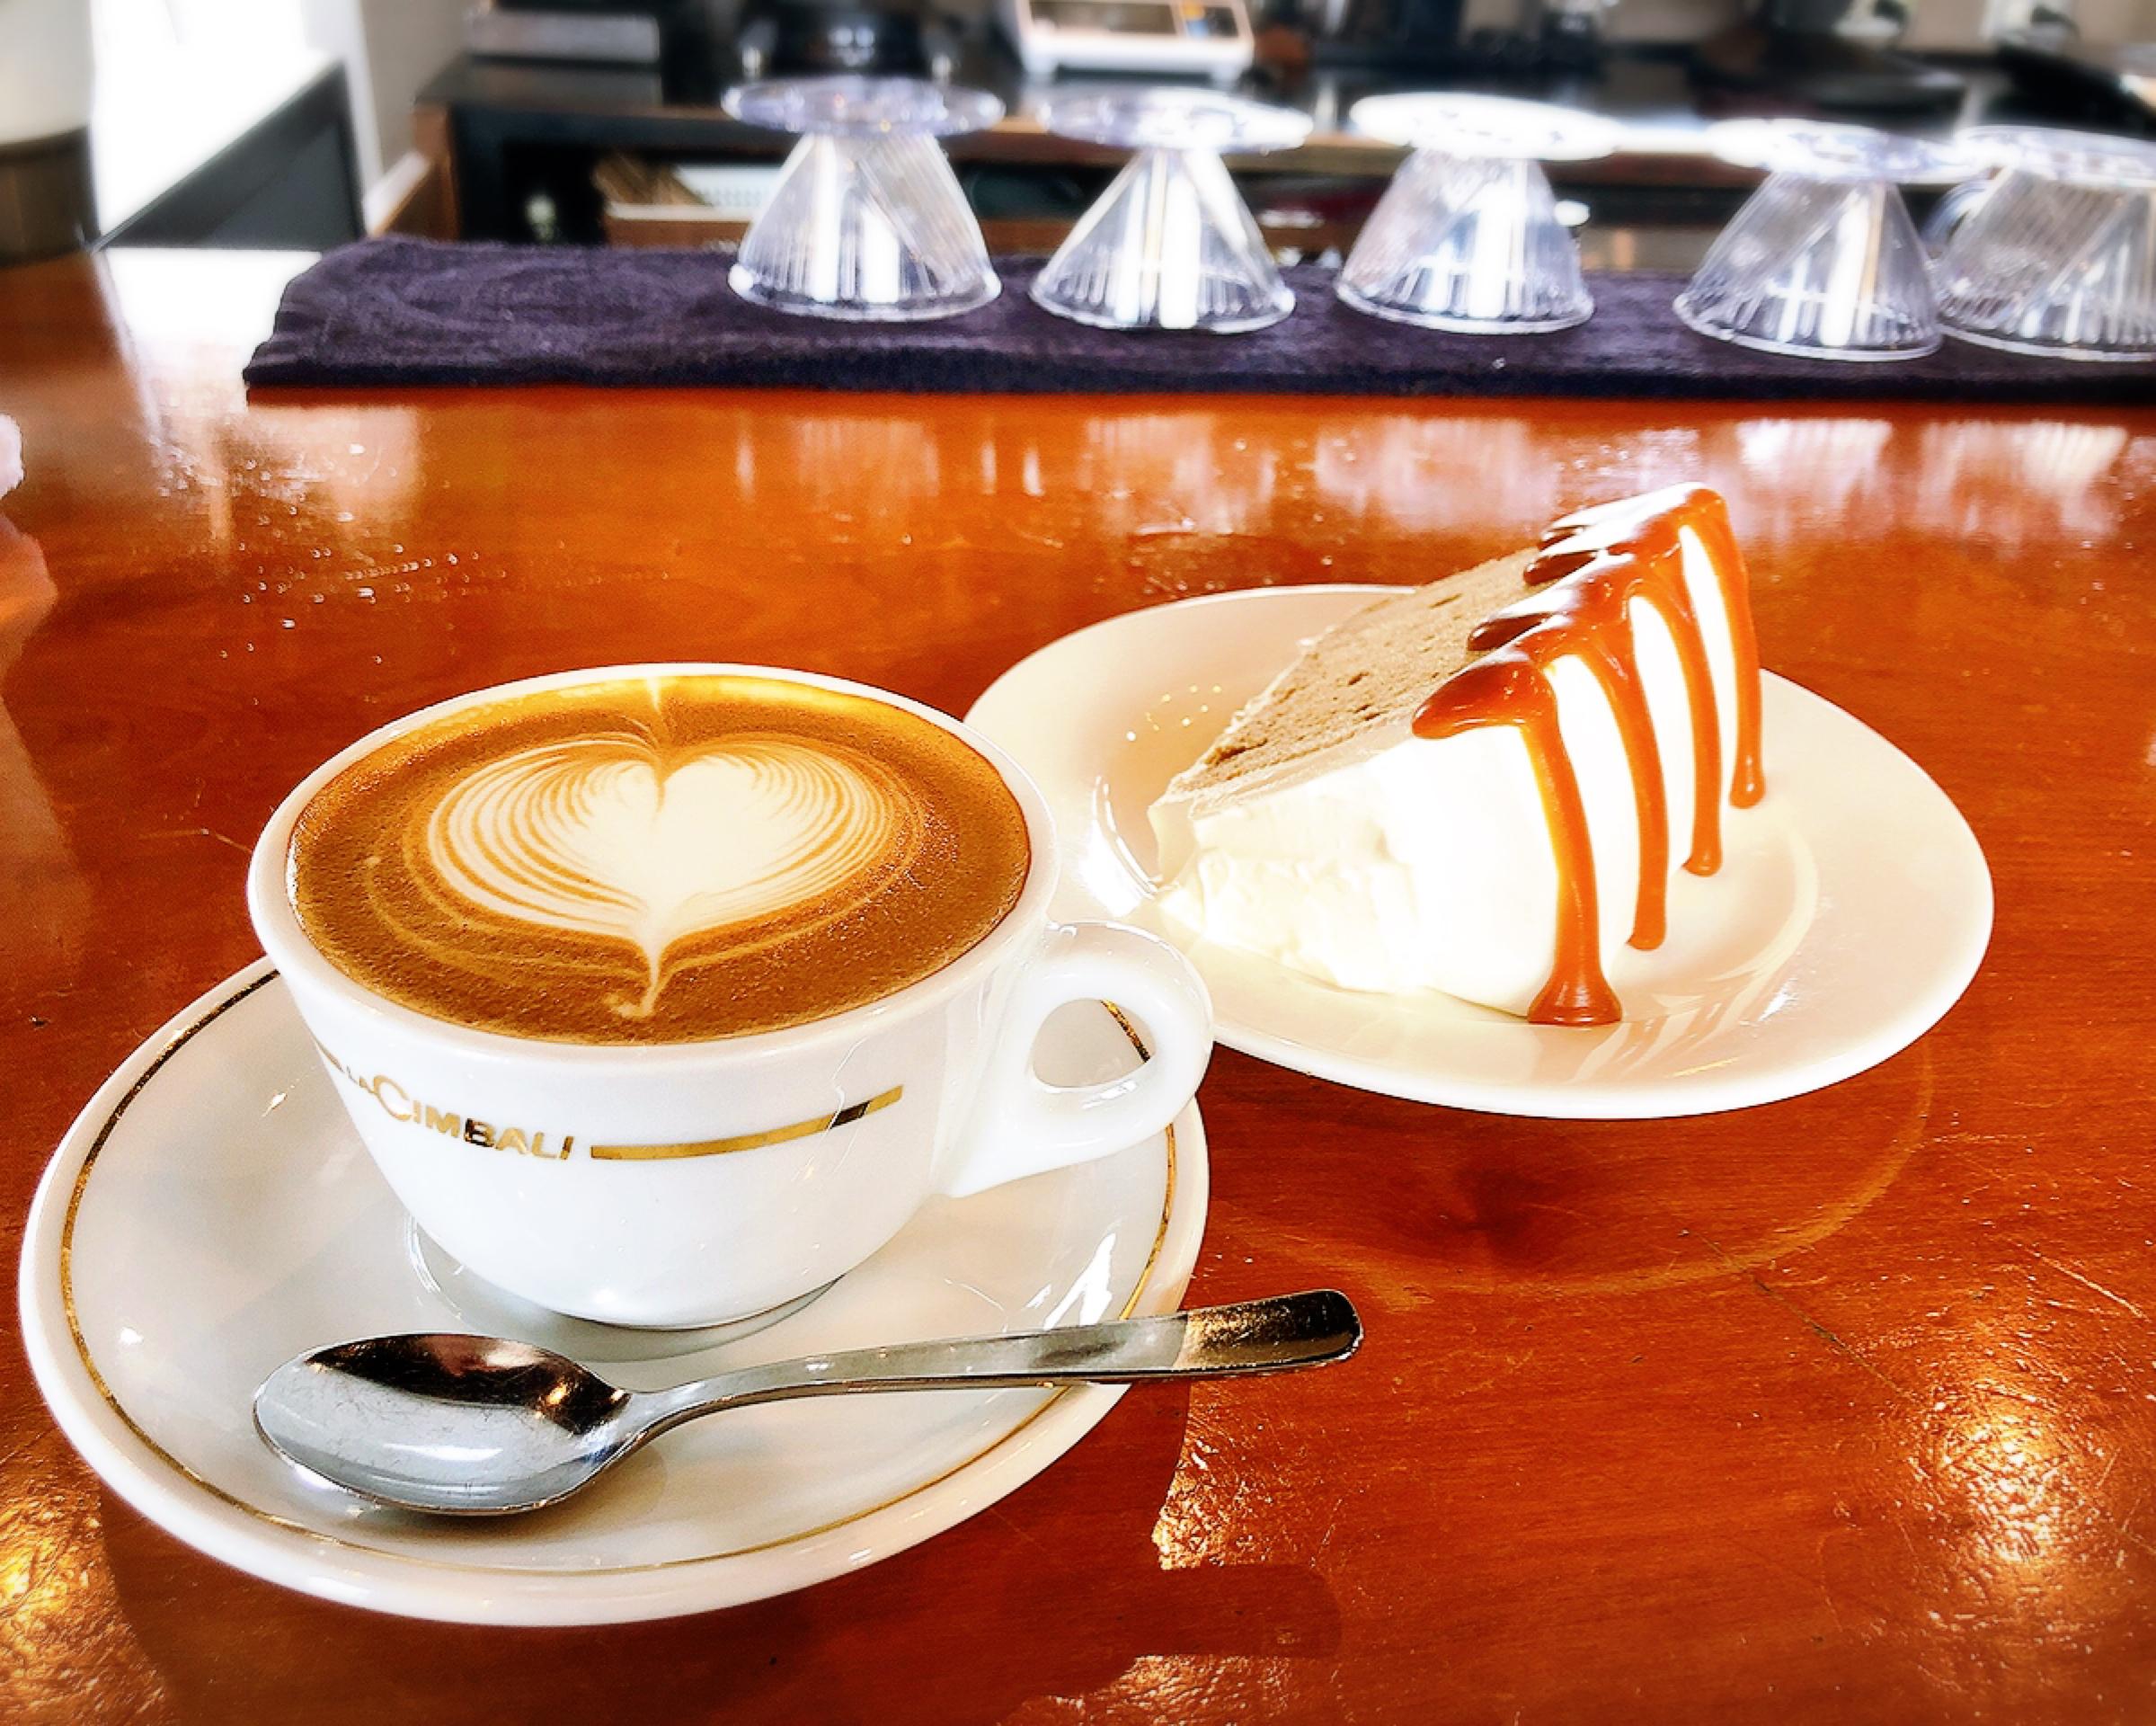 【#静岡カフェ】こだわり自家焙煎本格派コーヒーとふわふわ生キャラメルシフォンケーキが美味♡_1